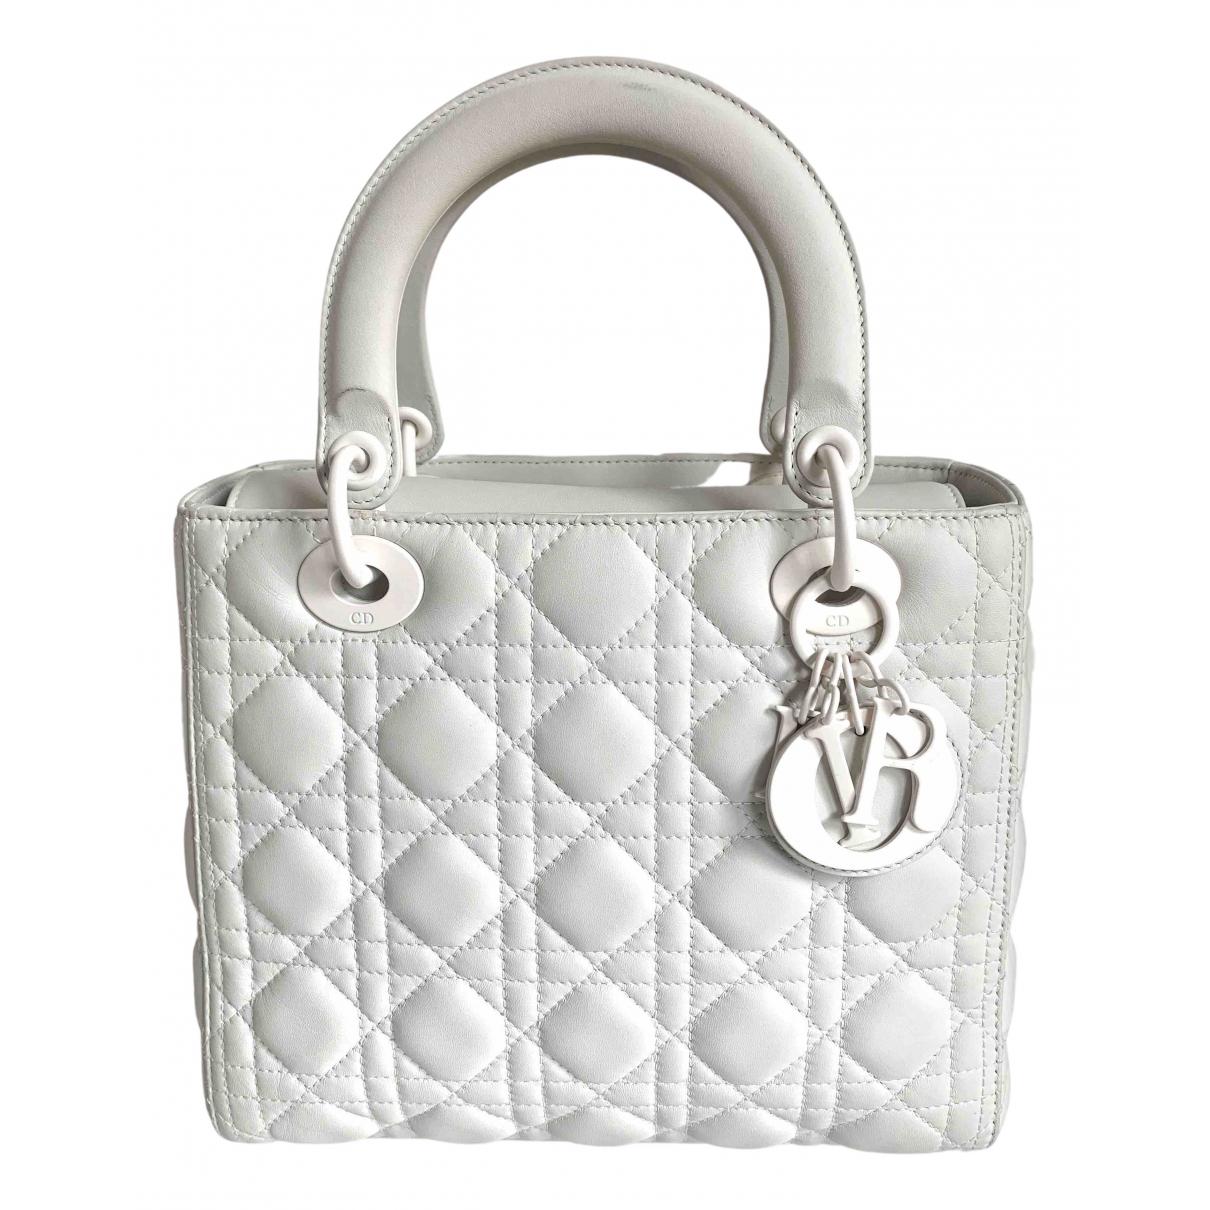 Dior - Sac a main Lady Dior pour femme en cuir - blanc